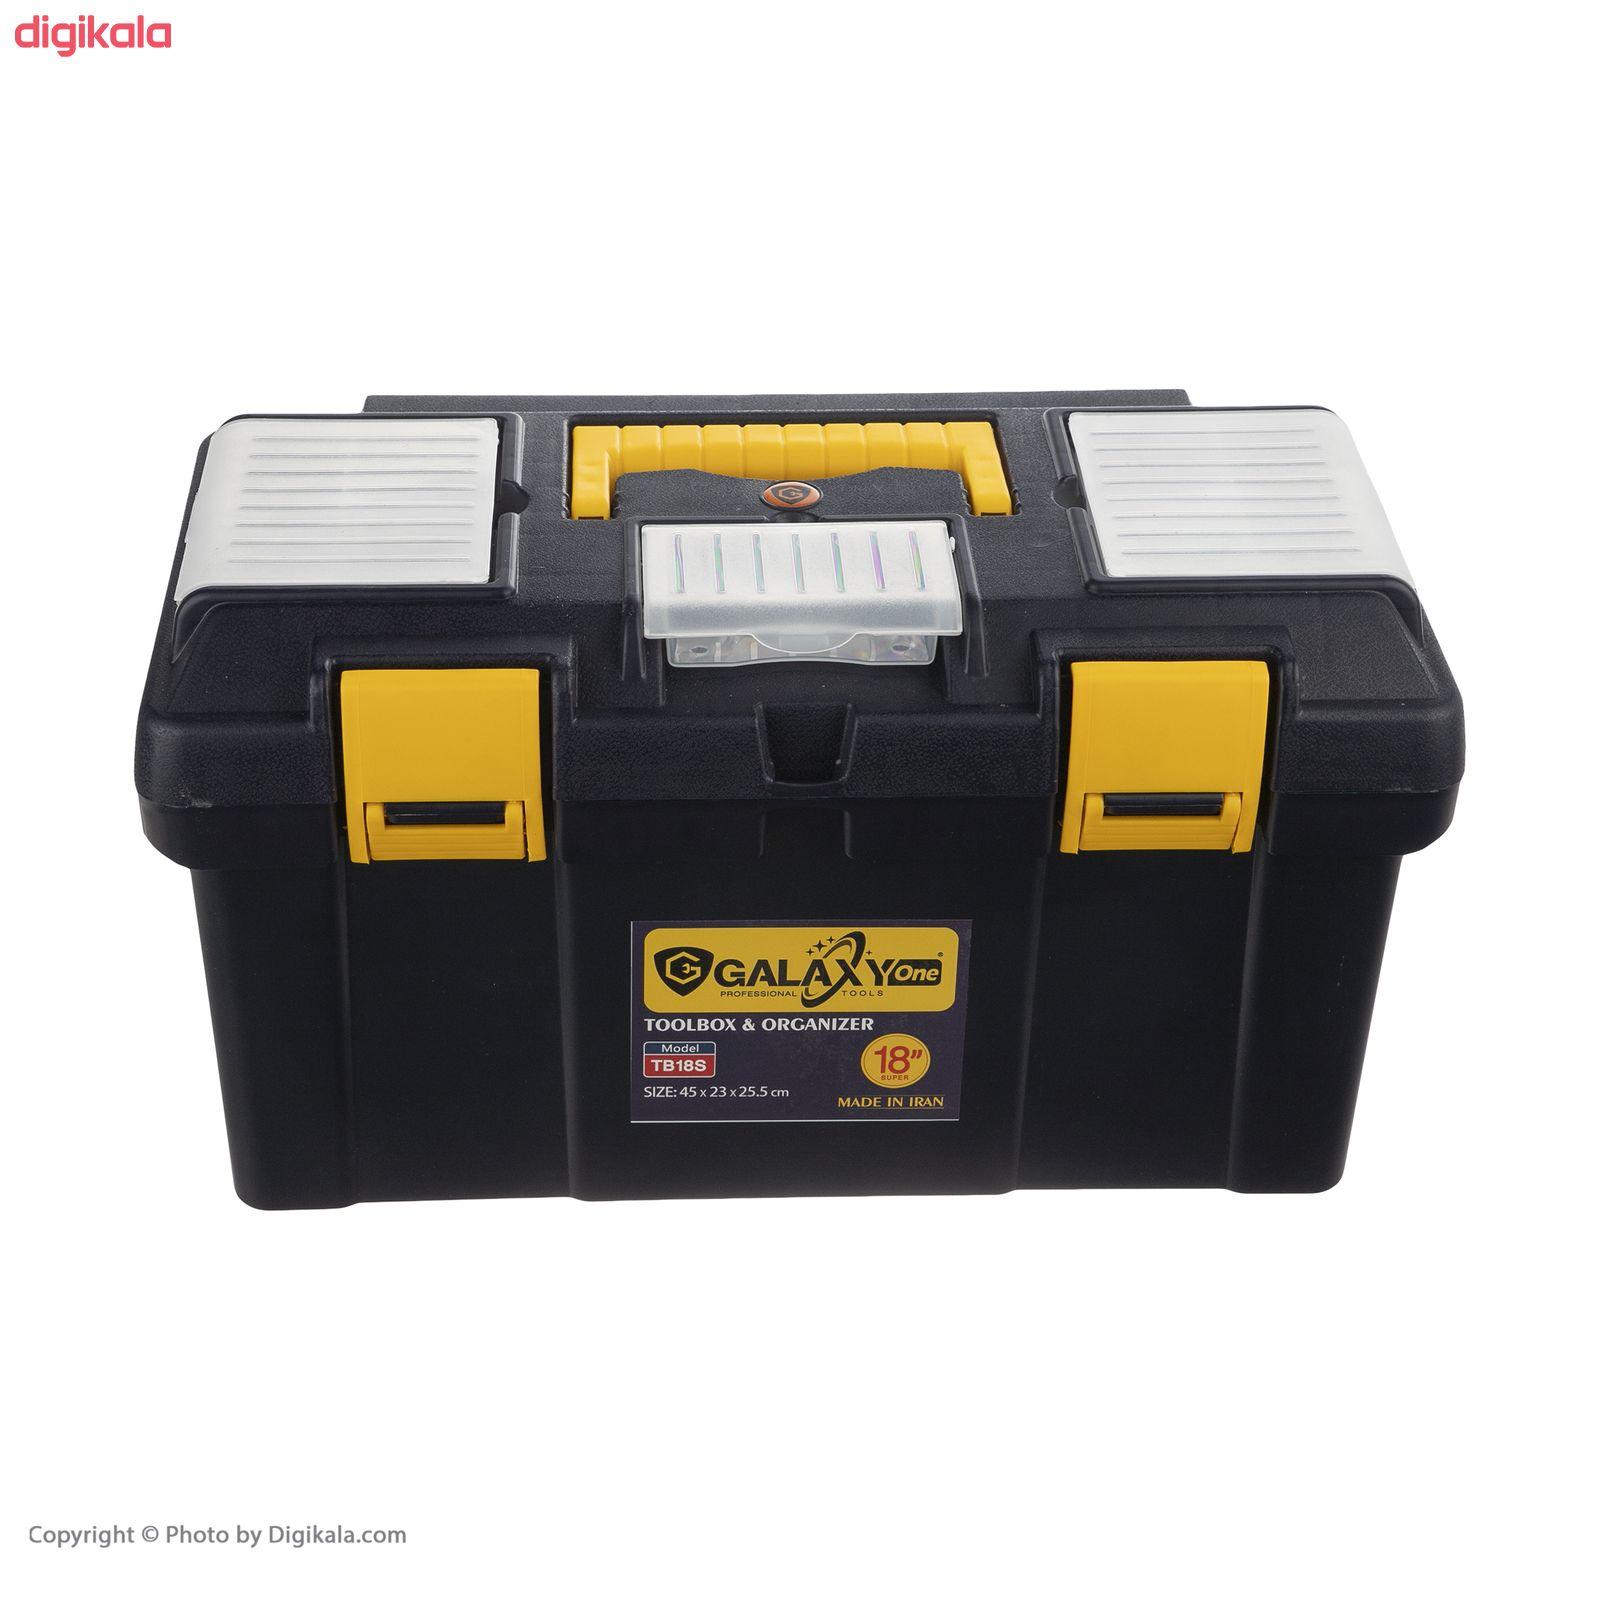 جعبه ابزار گلکسی وان مدل TB18S  main 1 7